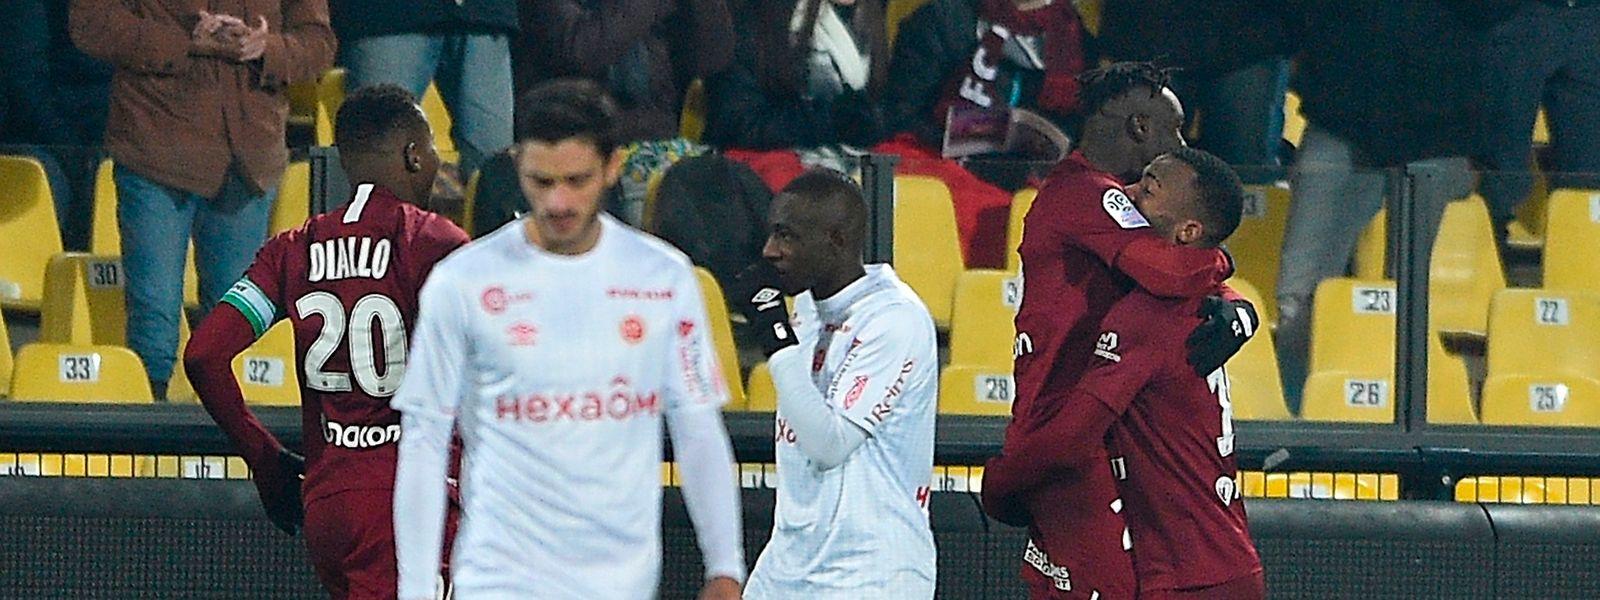 Les Messins n'ont pu faire mieux que match nul face au Stade de Reims.